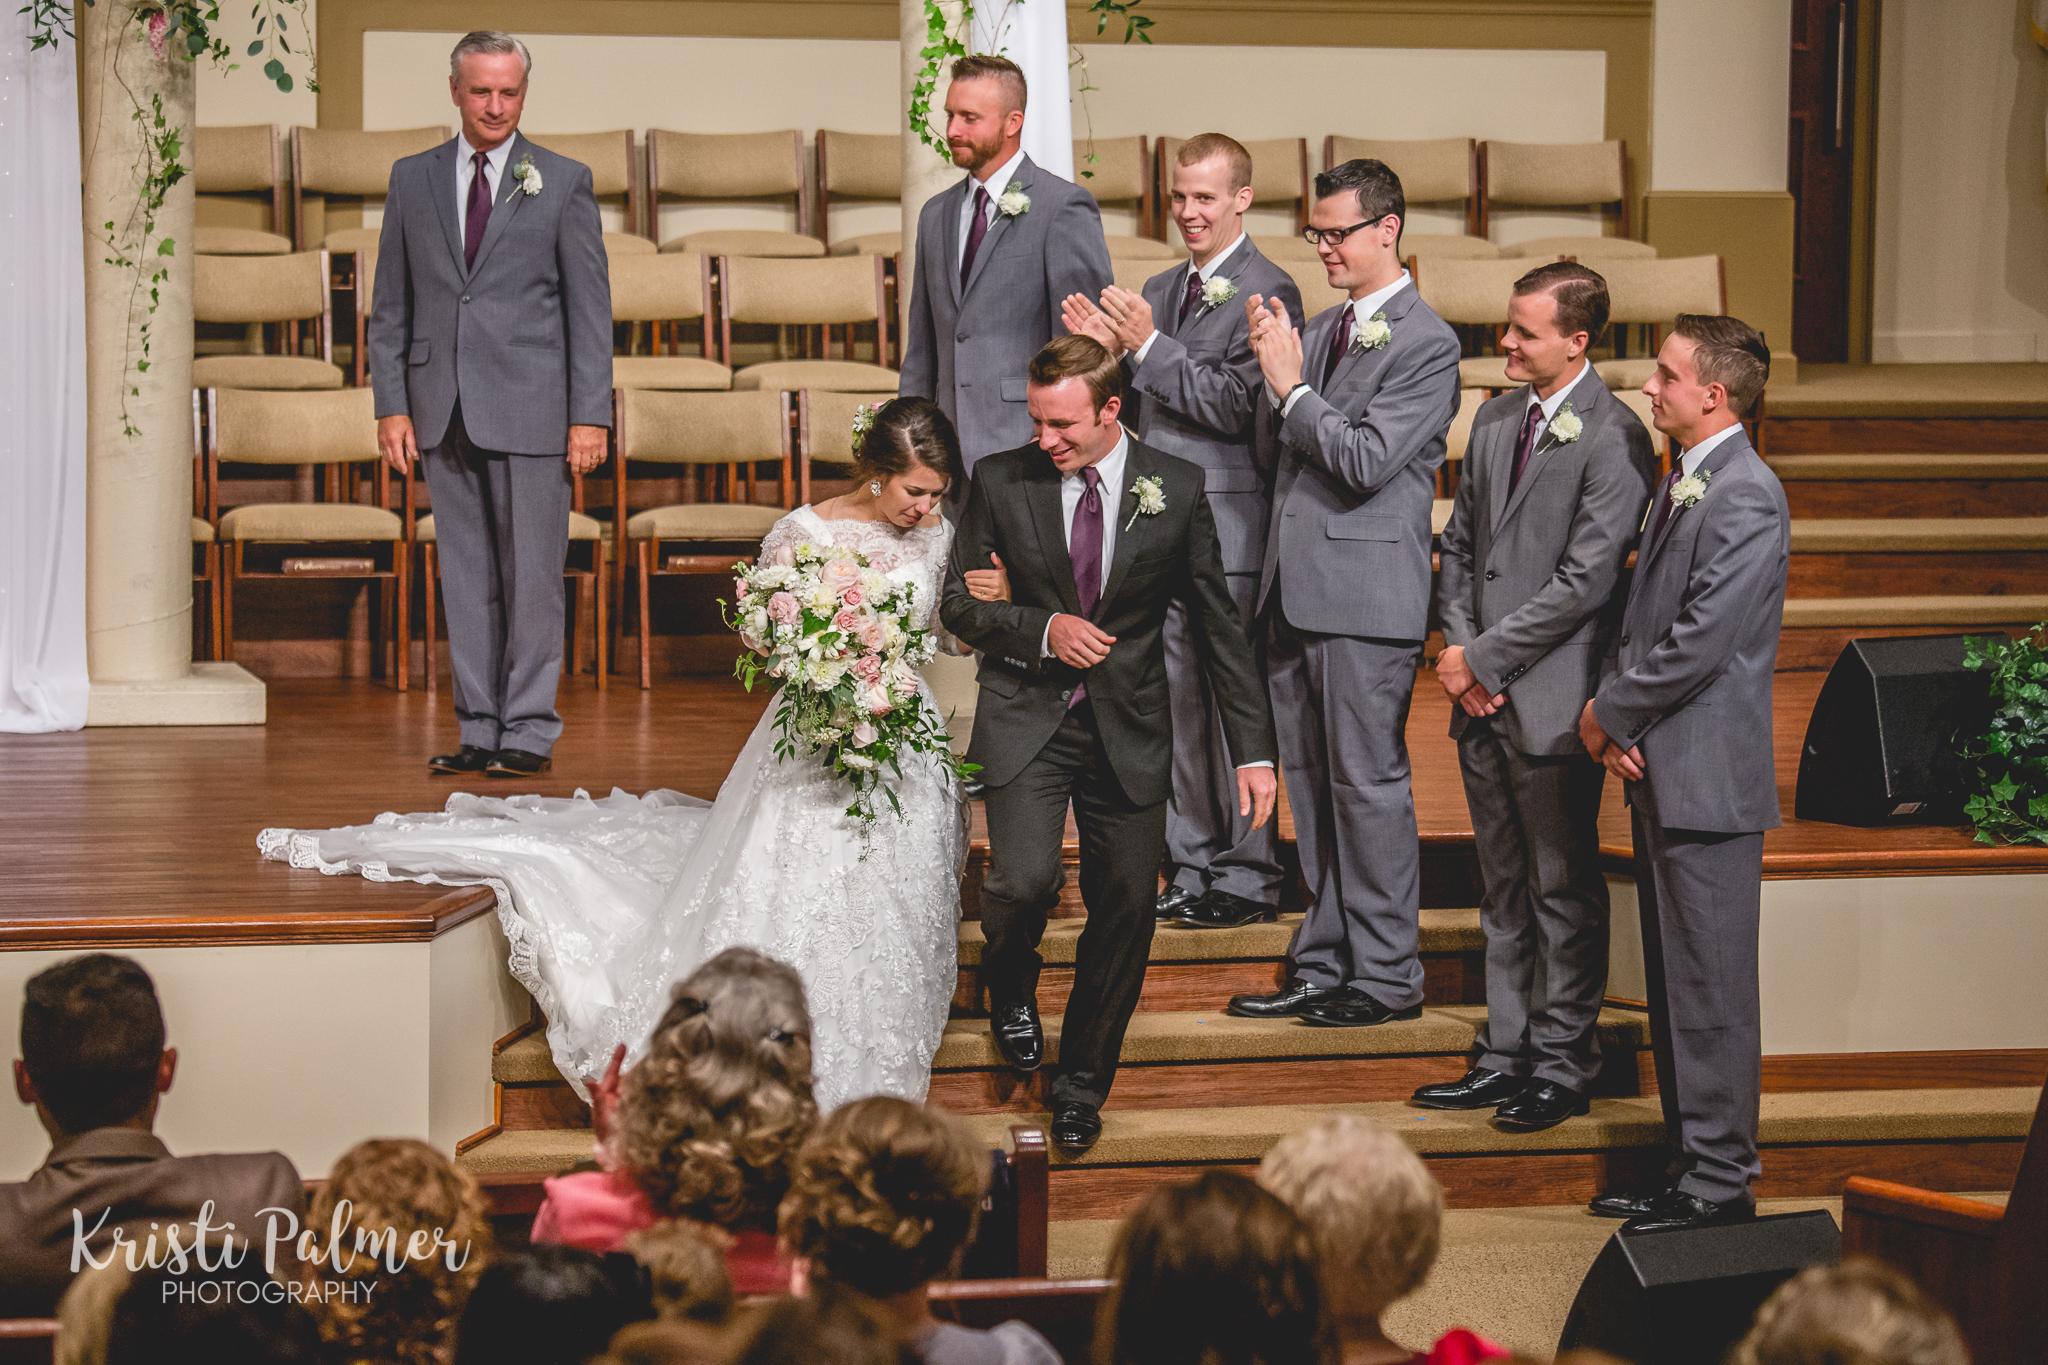 wedding ceremony bride and groom wedding party